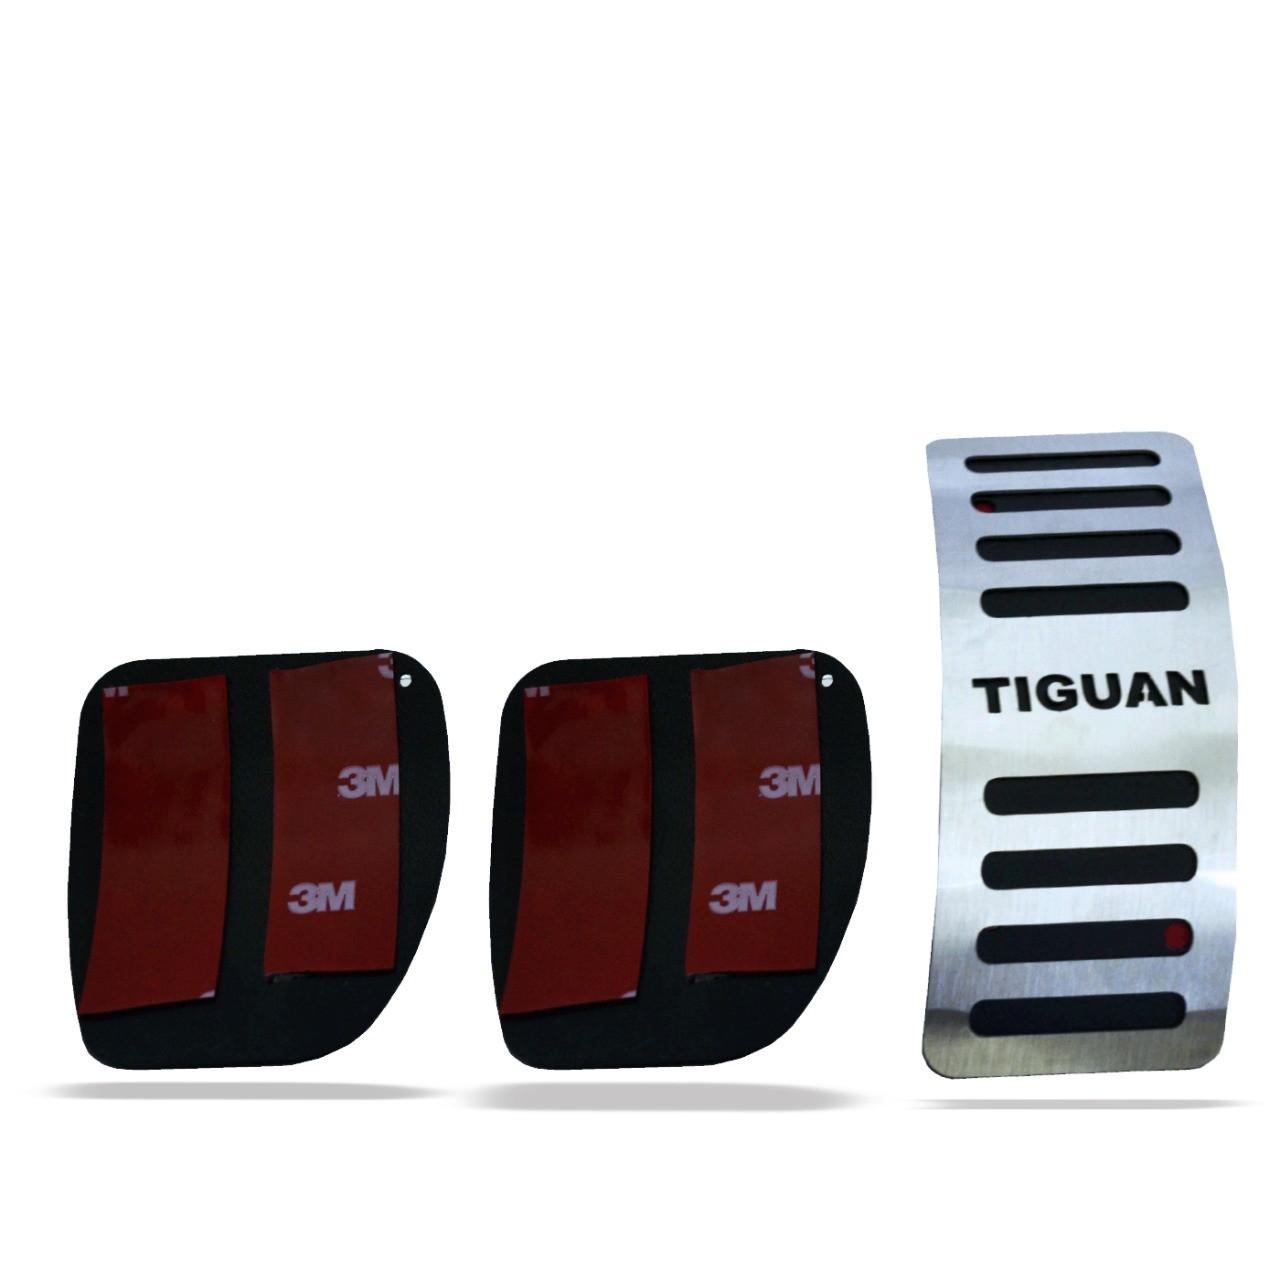 Pedaleira para Tiguan Manual em Aço Inox